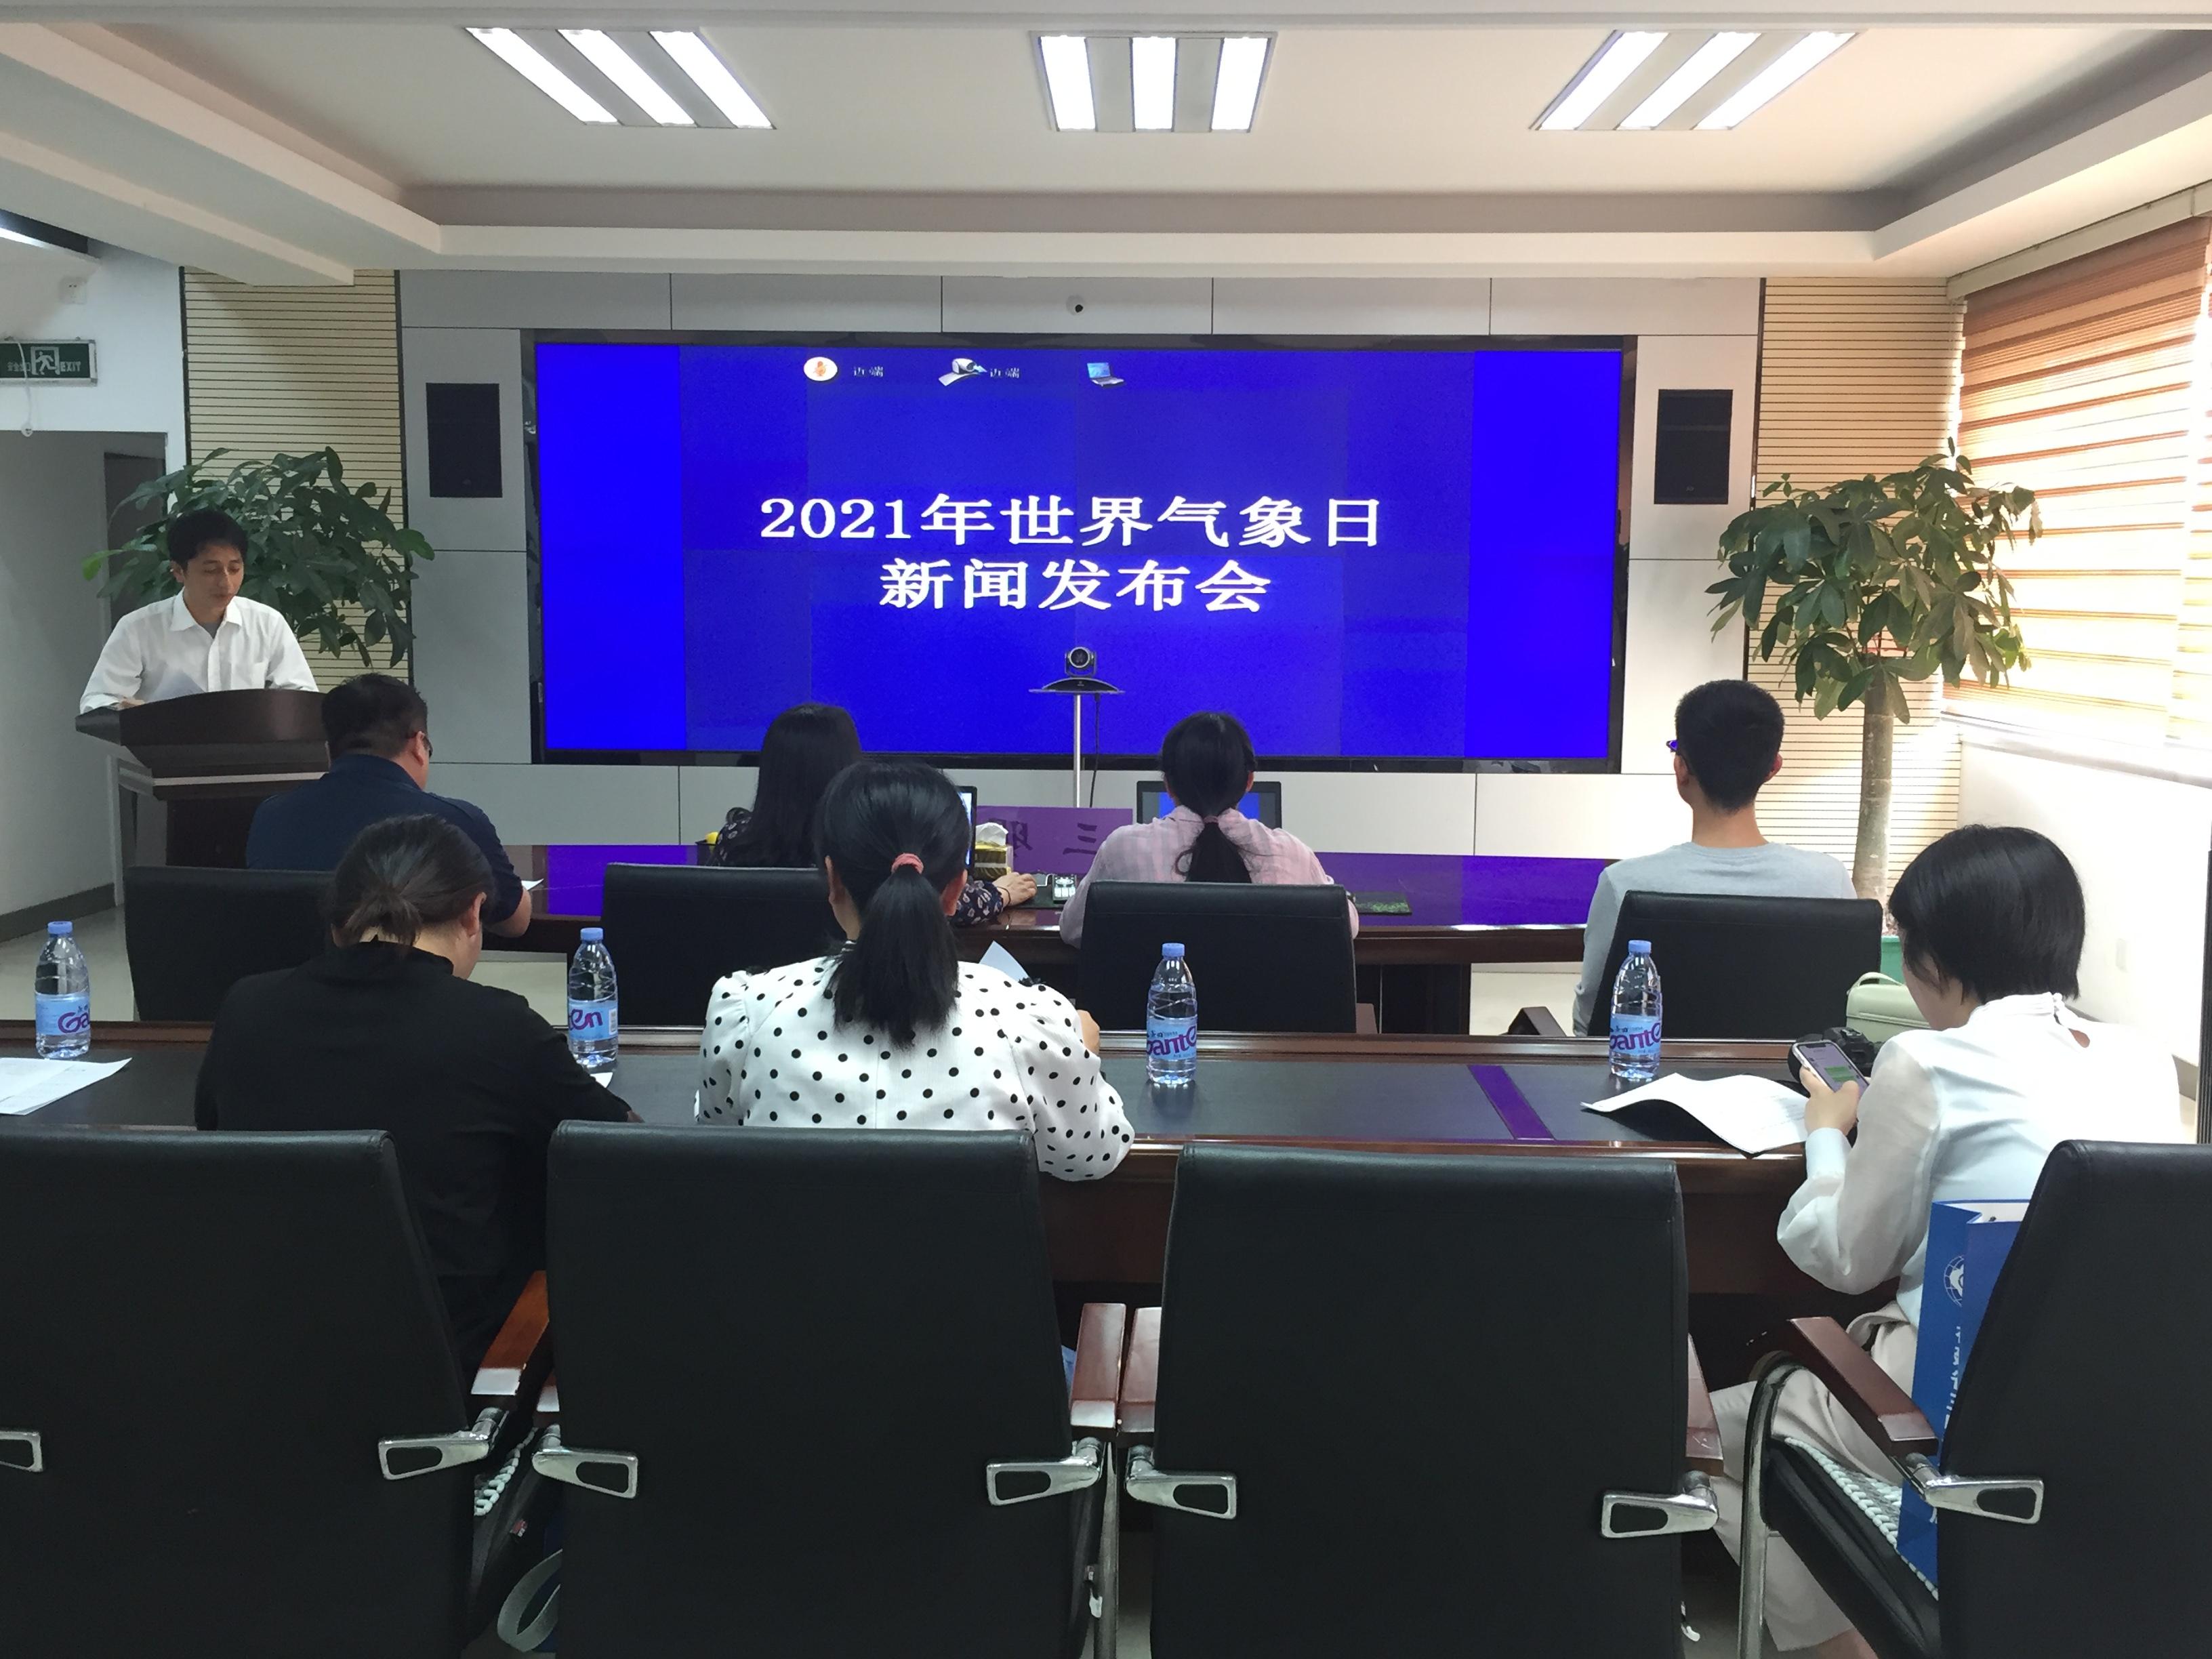 三明:召开2021年世界气象日专题新闻发布会